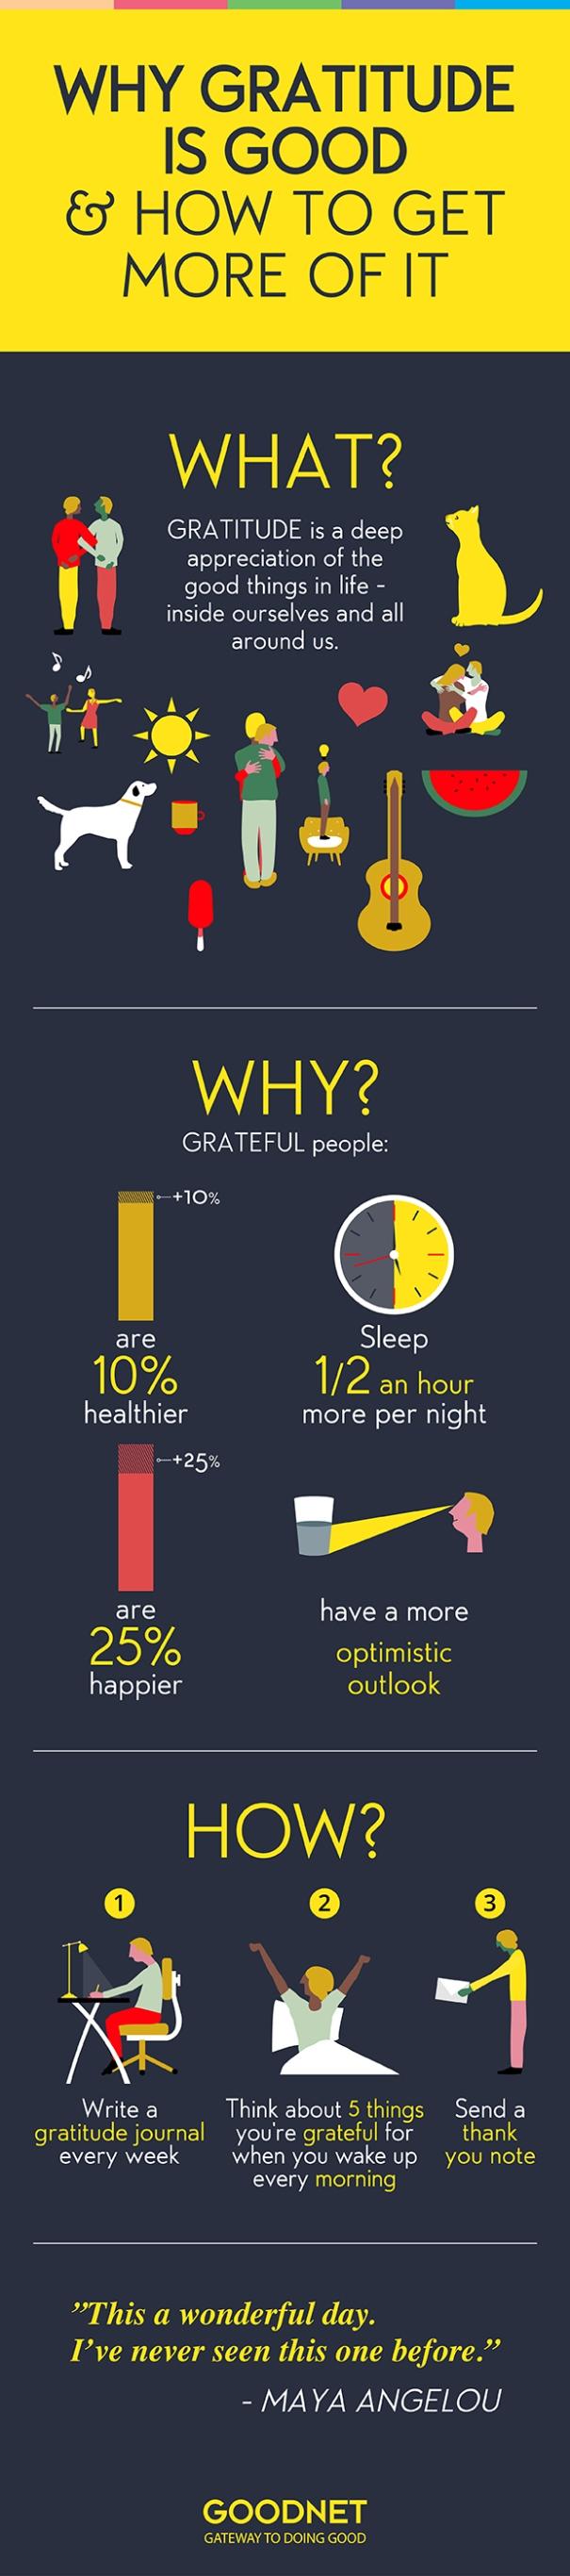 Gratitude infografia, a www.goodnet.org